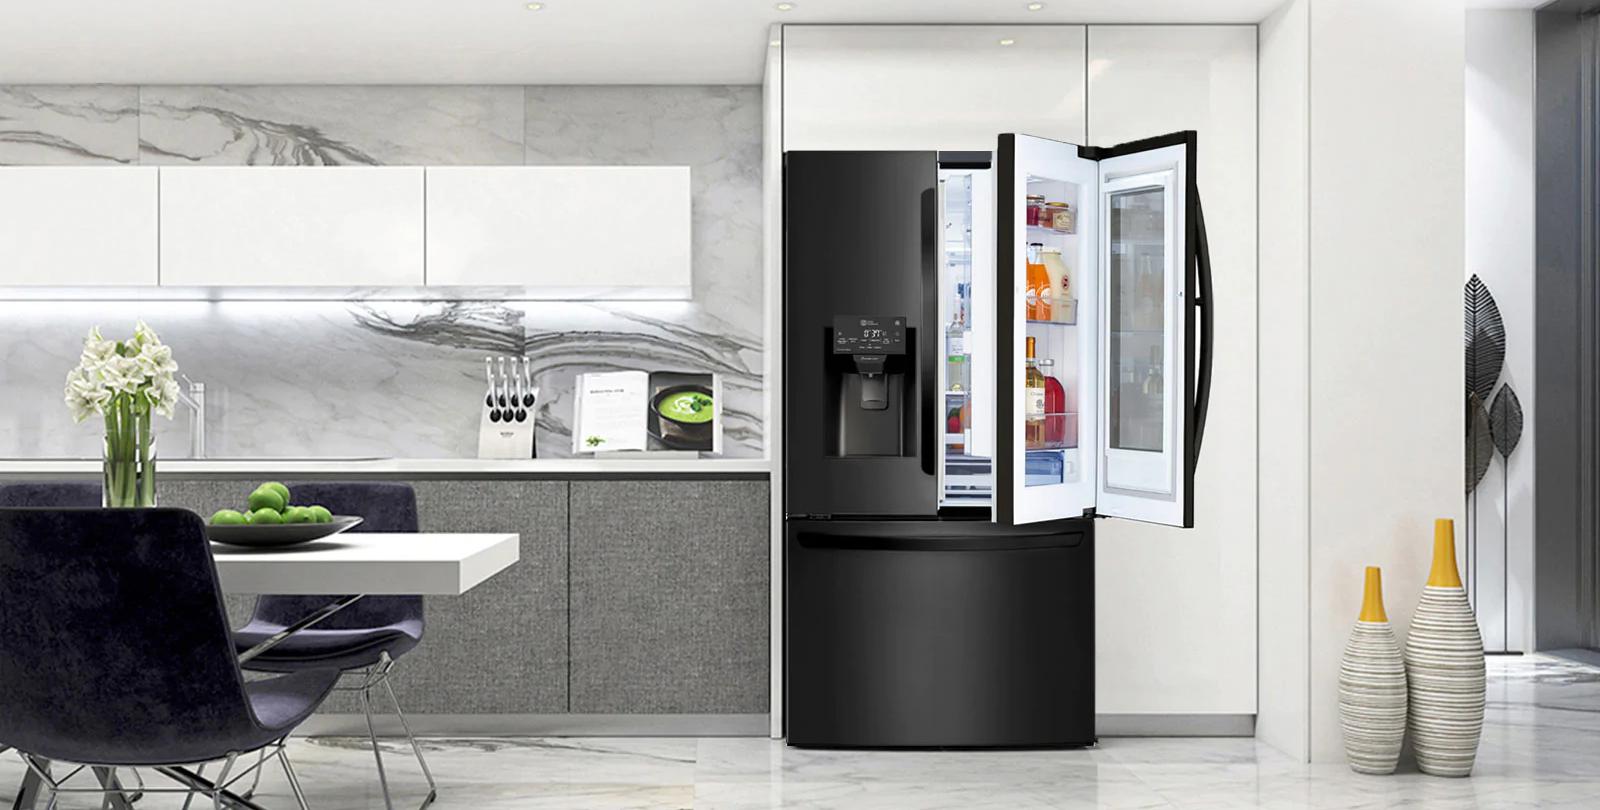 Conoce todo sobre nuestra refrigeradora LG con Fábrica de hielos dual Craft Ice™